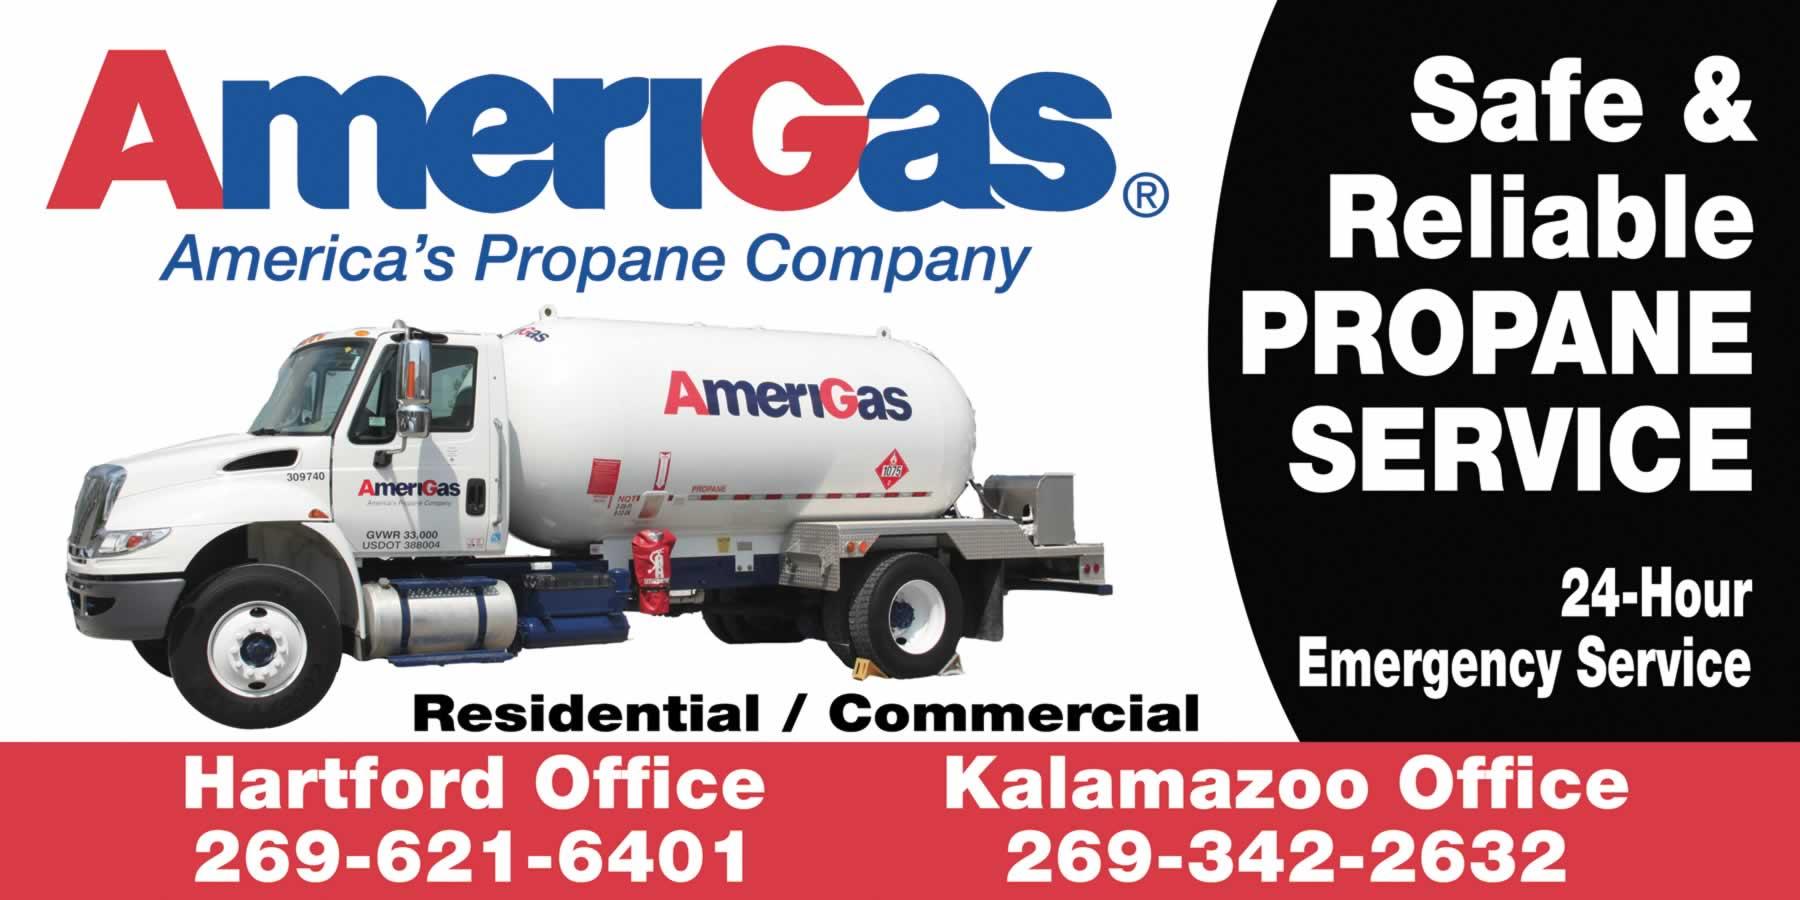 Amerigas America's Propane Company